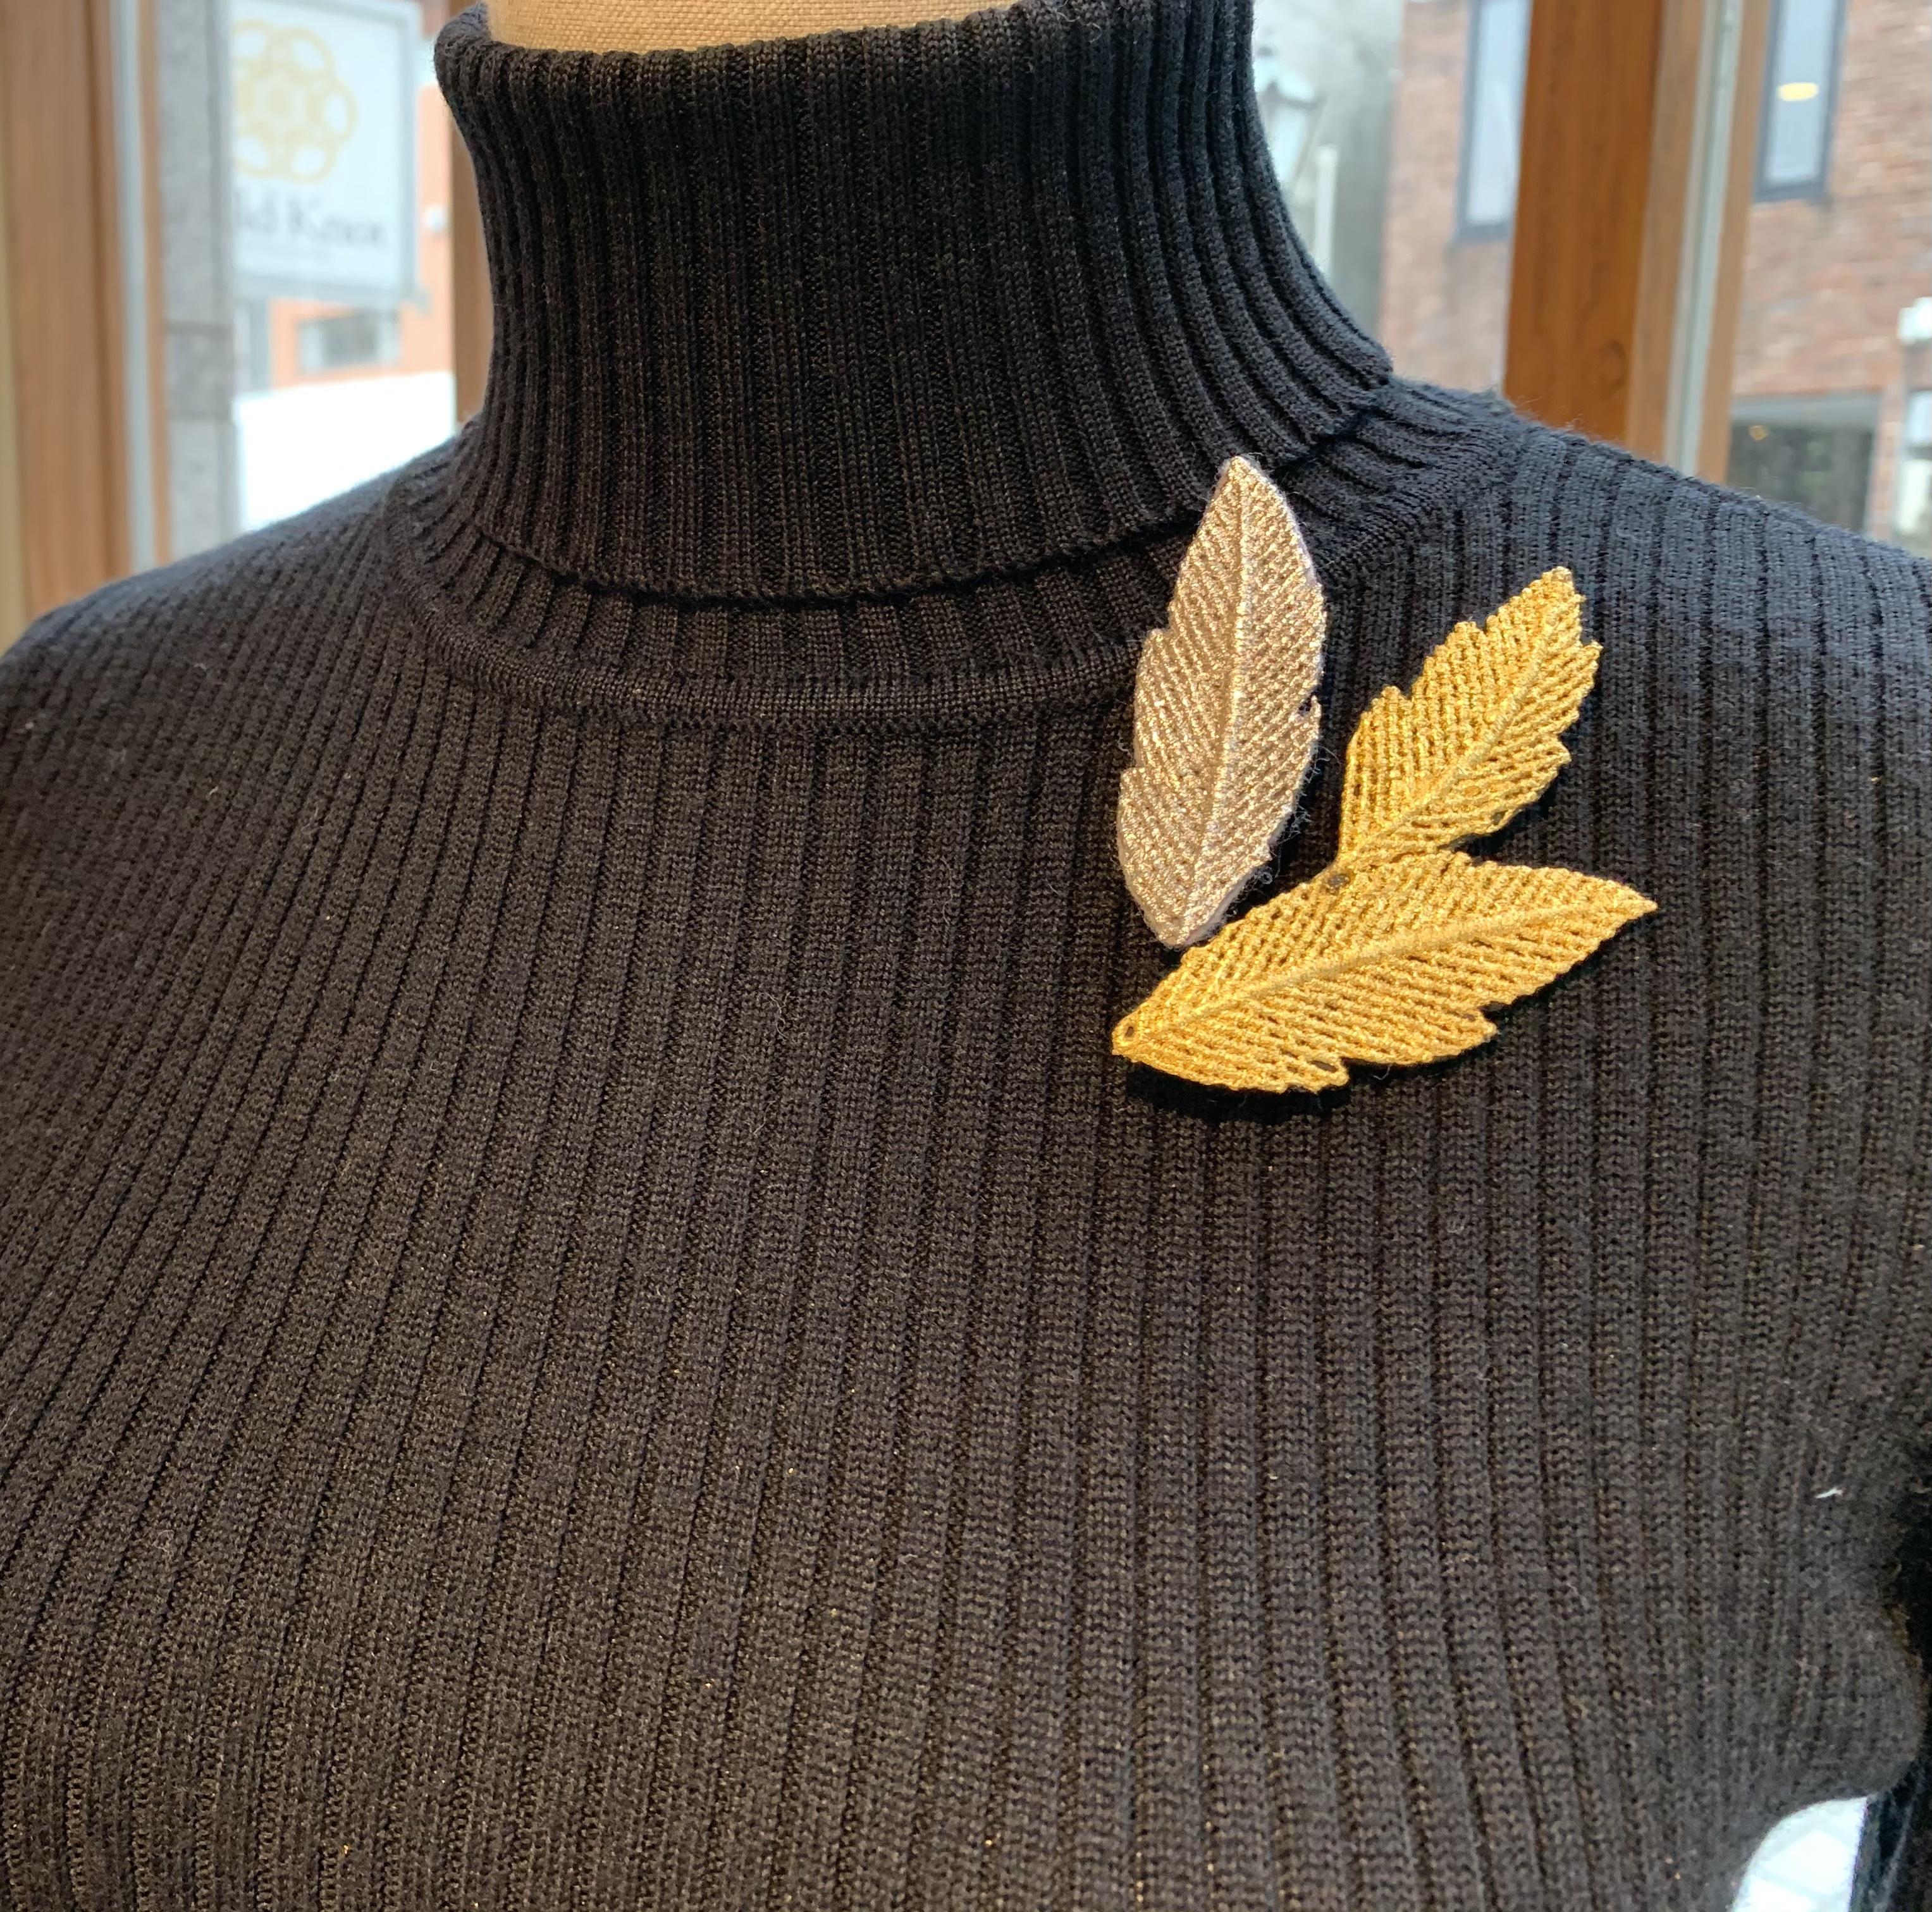 葉っぱのブローチ、金箔ジュエリーGold-Knot